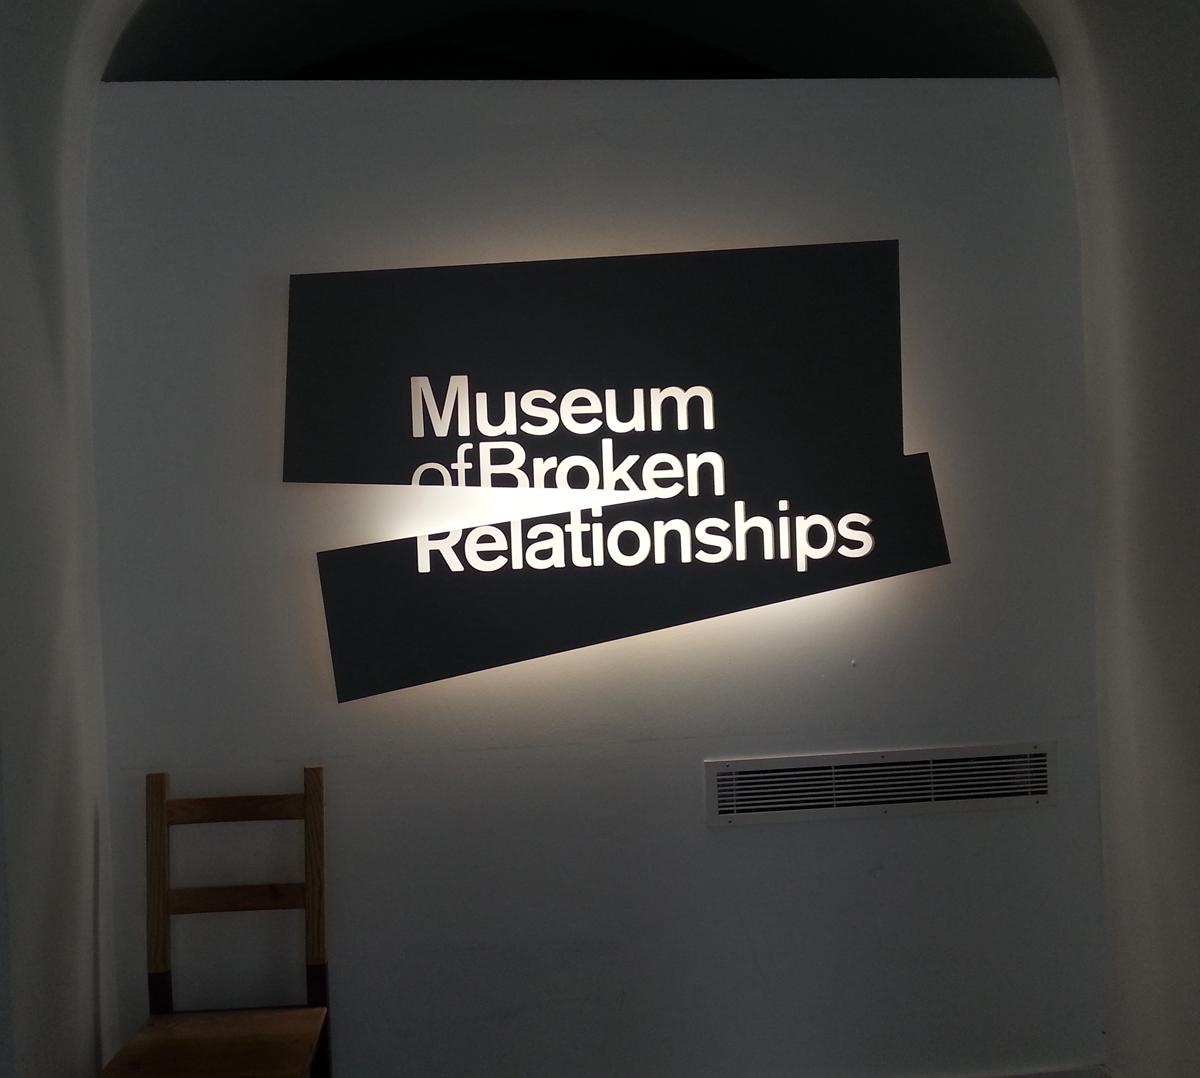 Muzeul relațiilor rupte